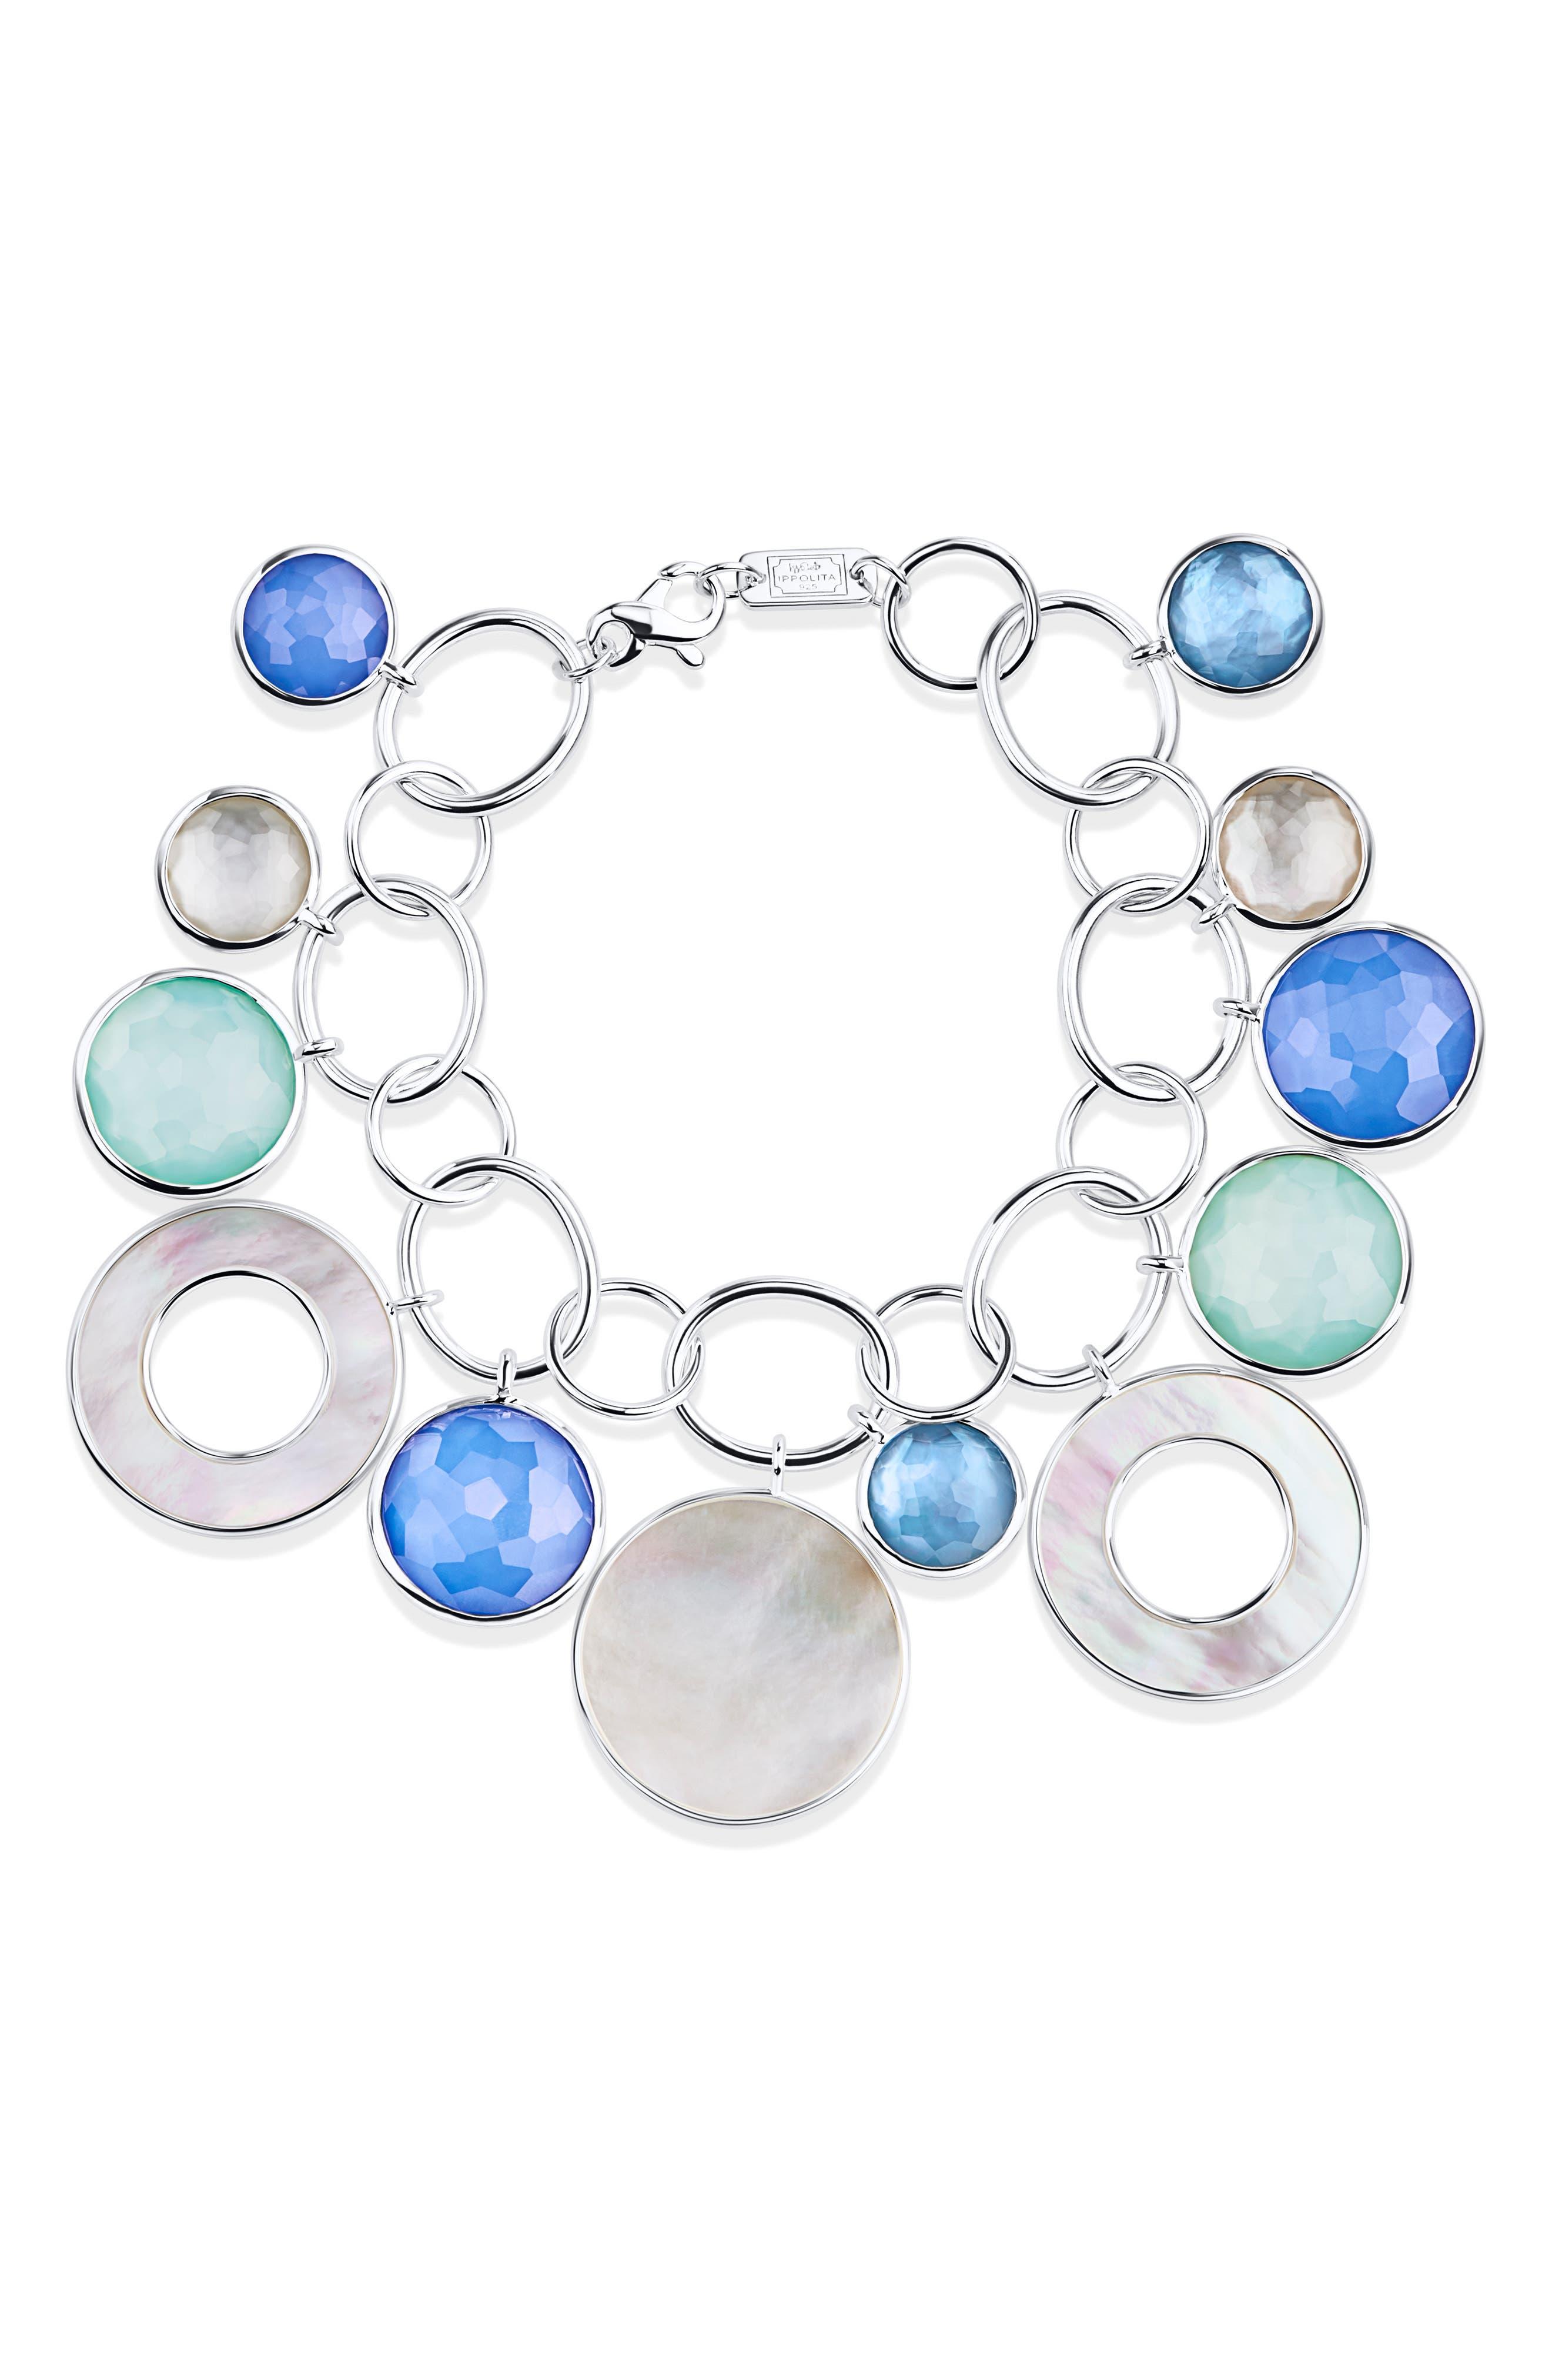 Image of Ippolita Wonderland Chain Link Bracelet